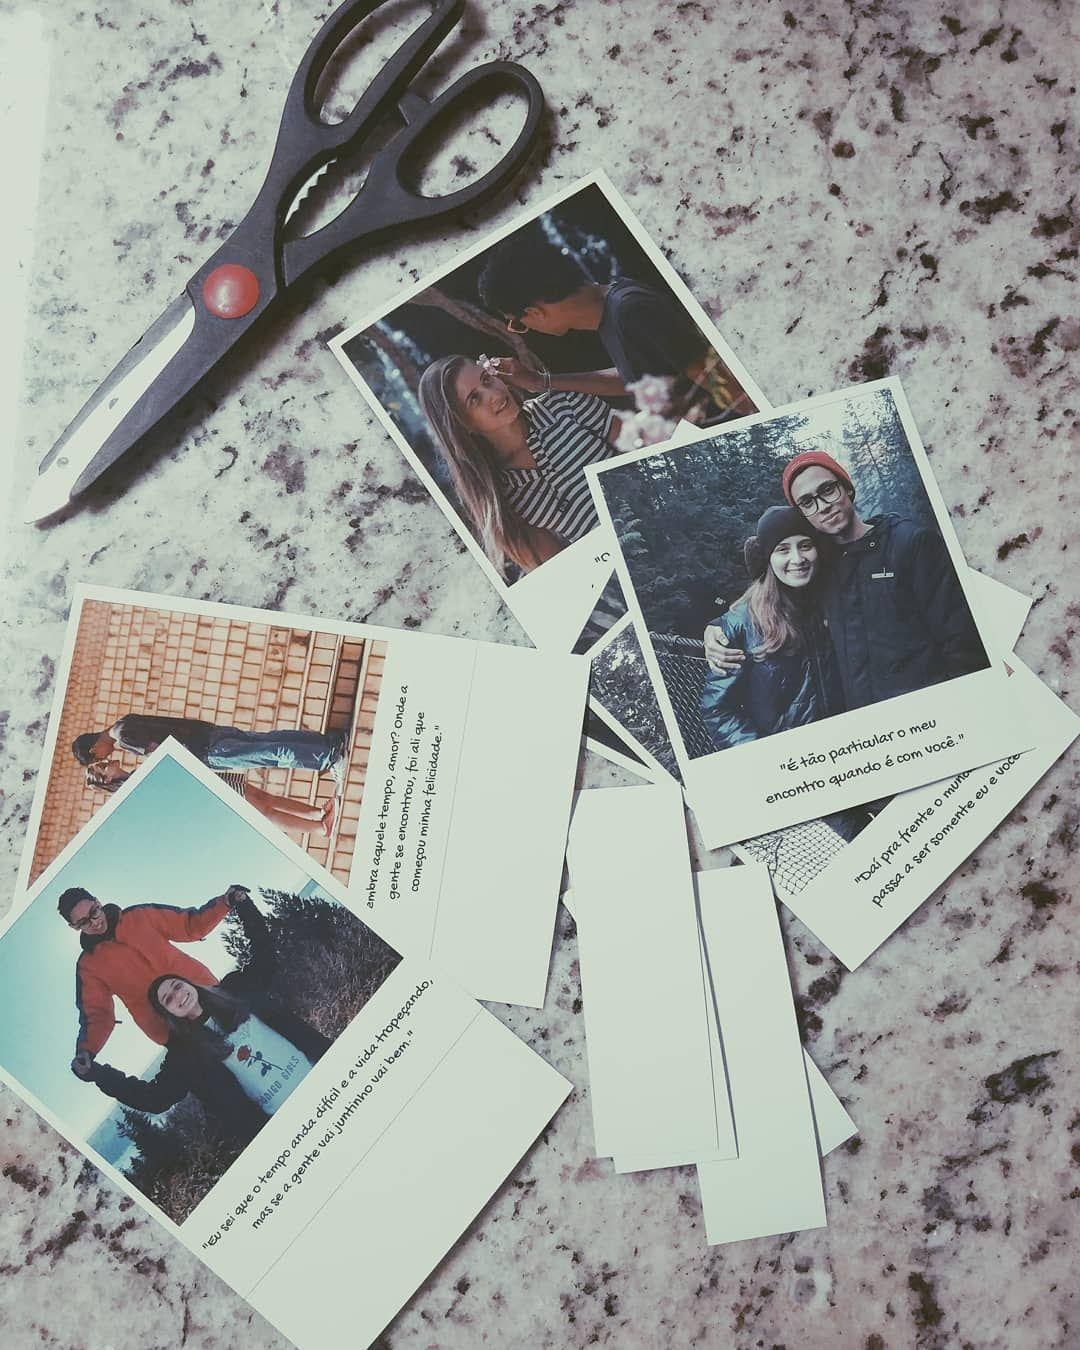 Quem Ai Quer Fazer Fotos Polaroid Sou Apaixonada Mas Nao